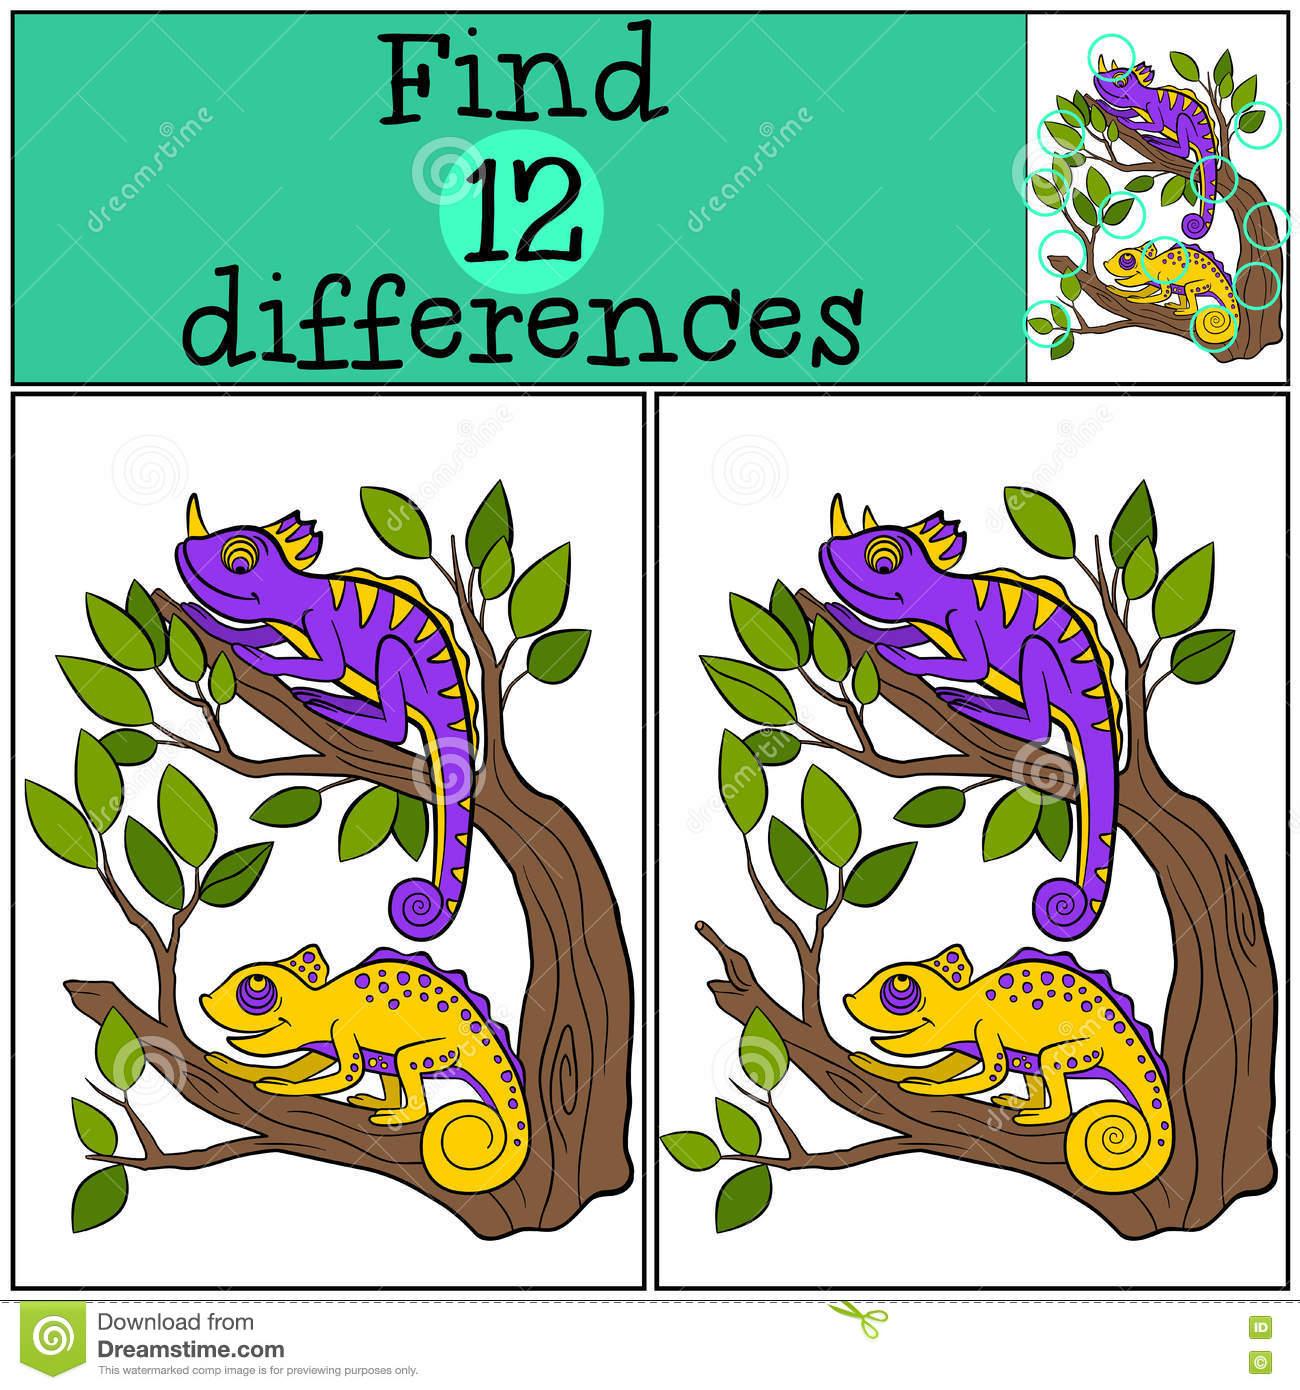 Jeux D'enfants : Différences De Découverte Illustration De concernant Jeux De Différence